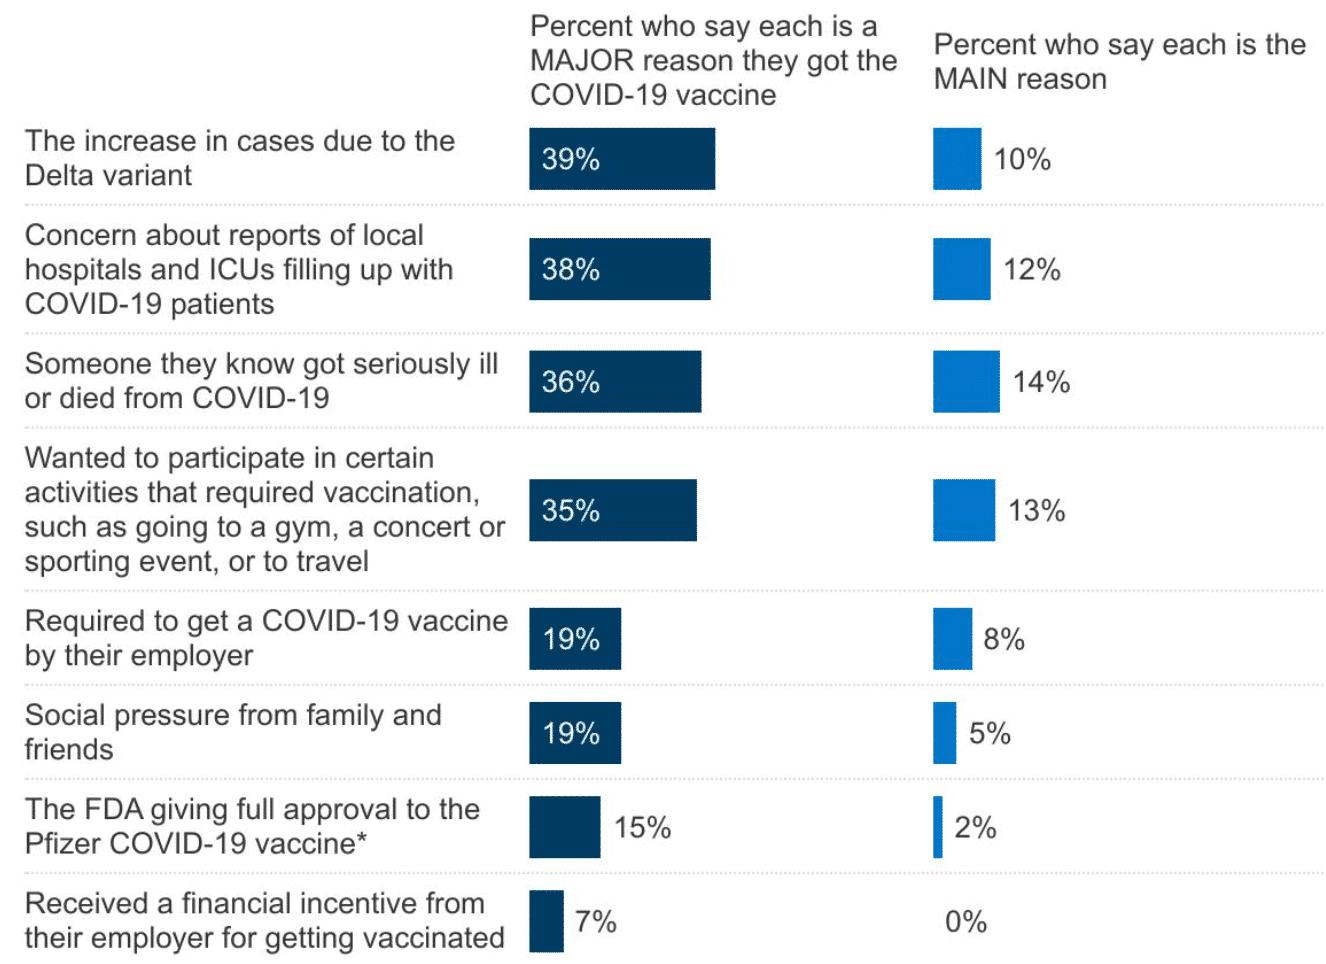 Vaccine reasons chart